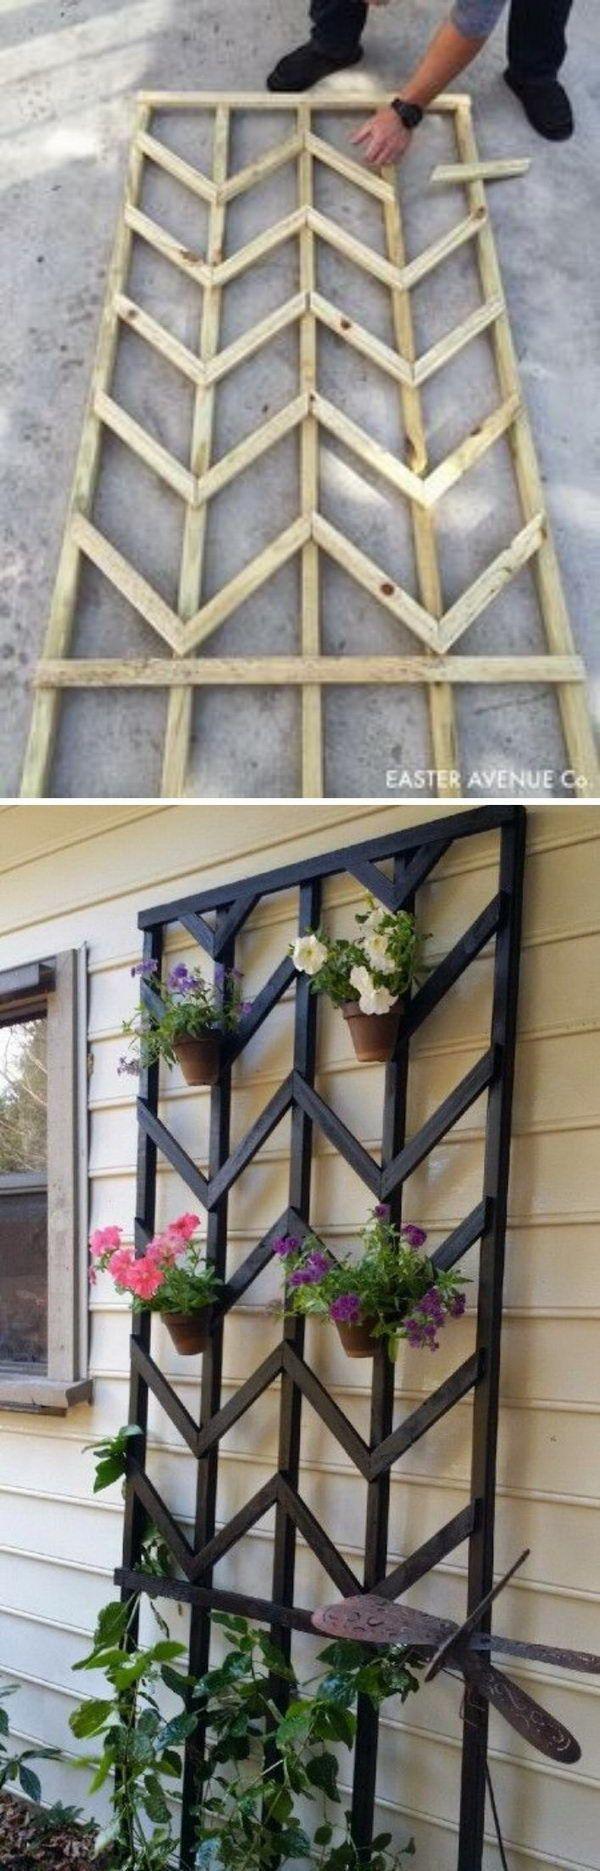 Für jede Seite der Veranda Gartenbetten … würde das Stucc eine schöne Optik